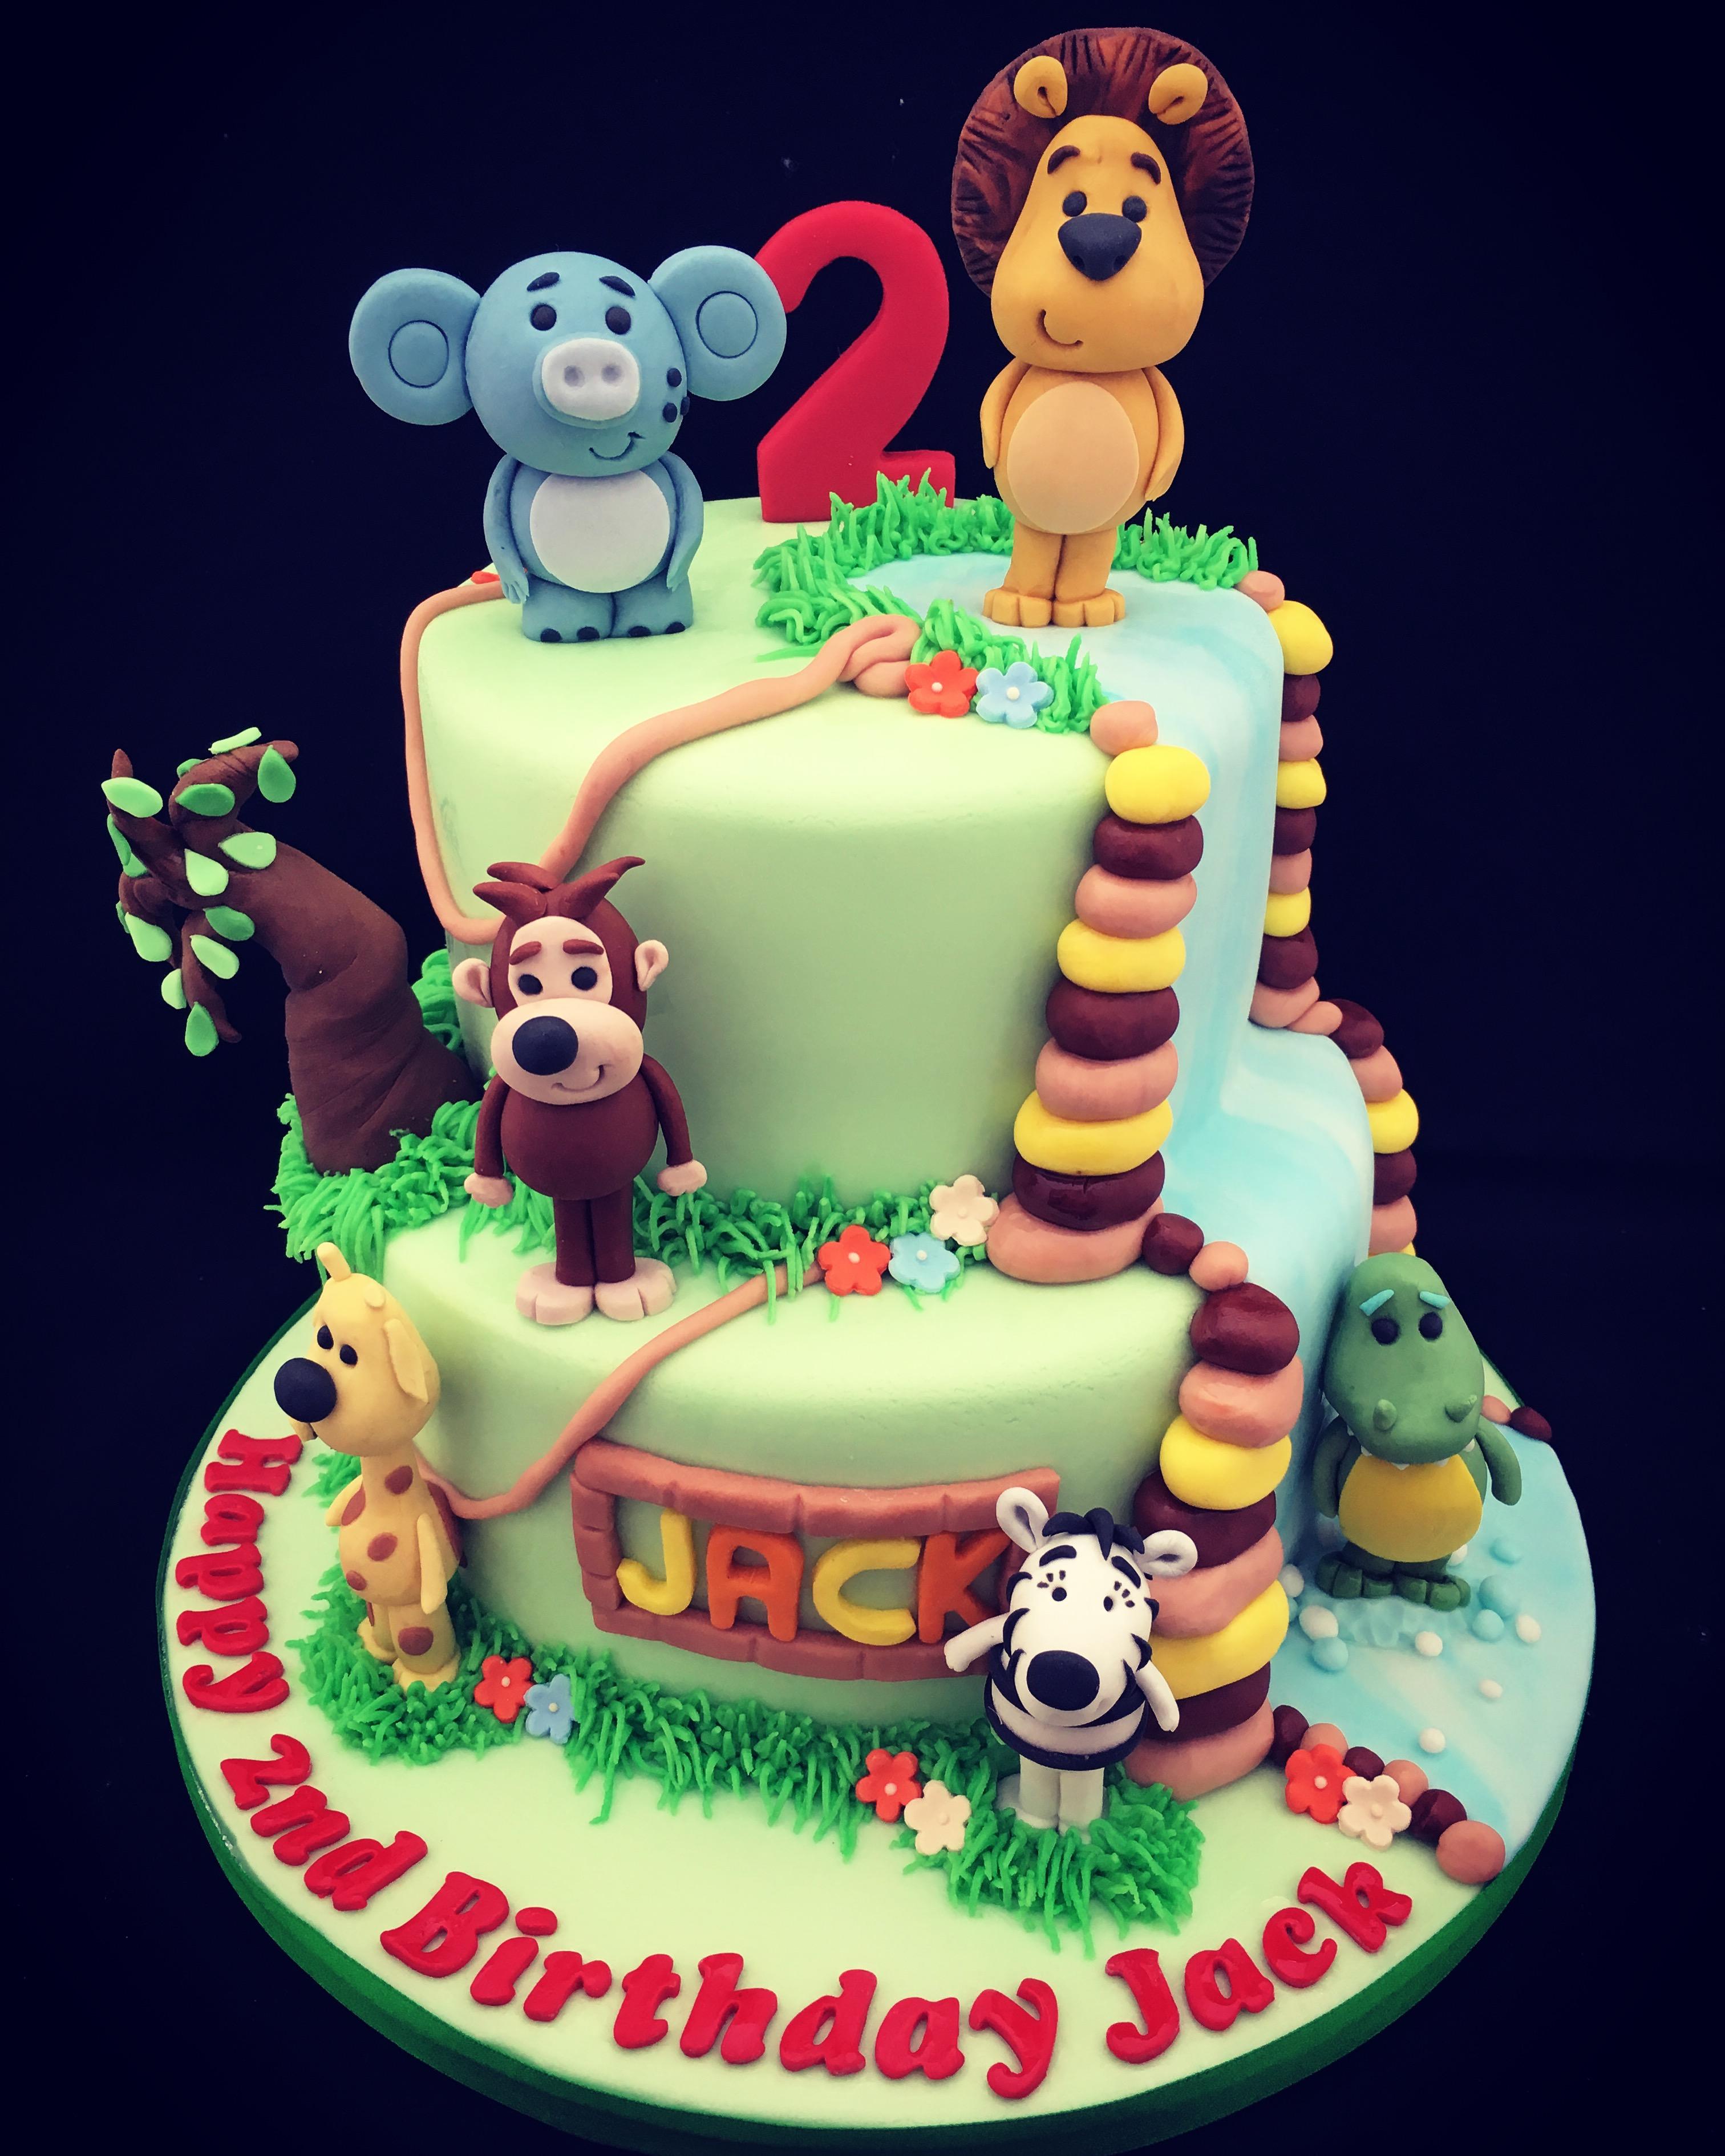 RaRa Cake